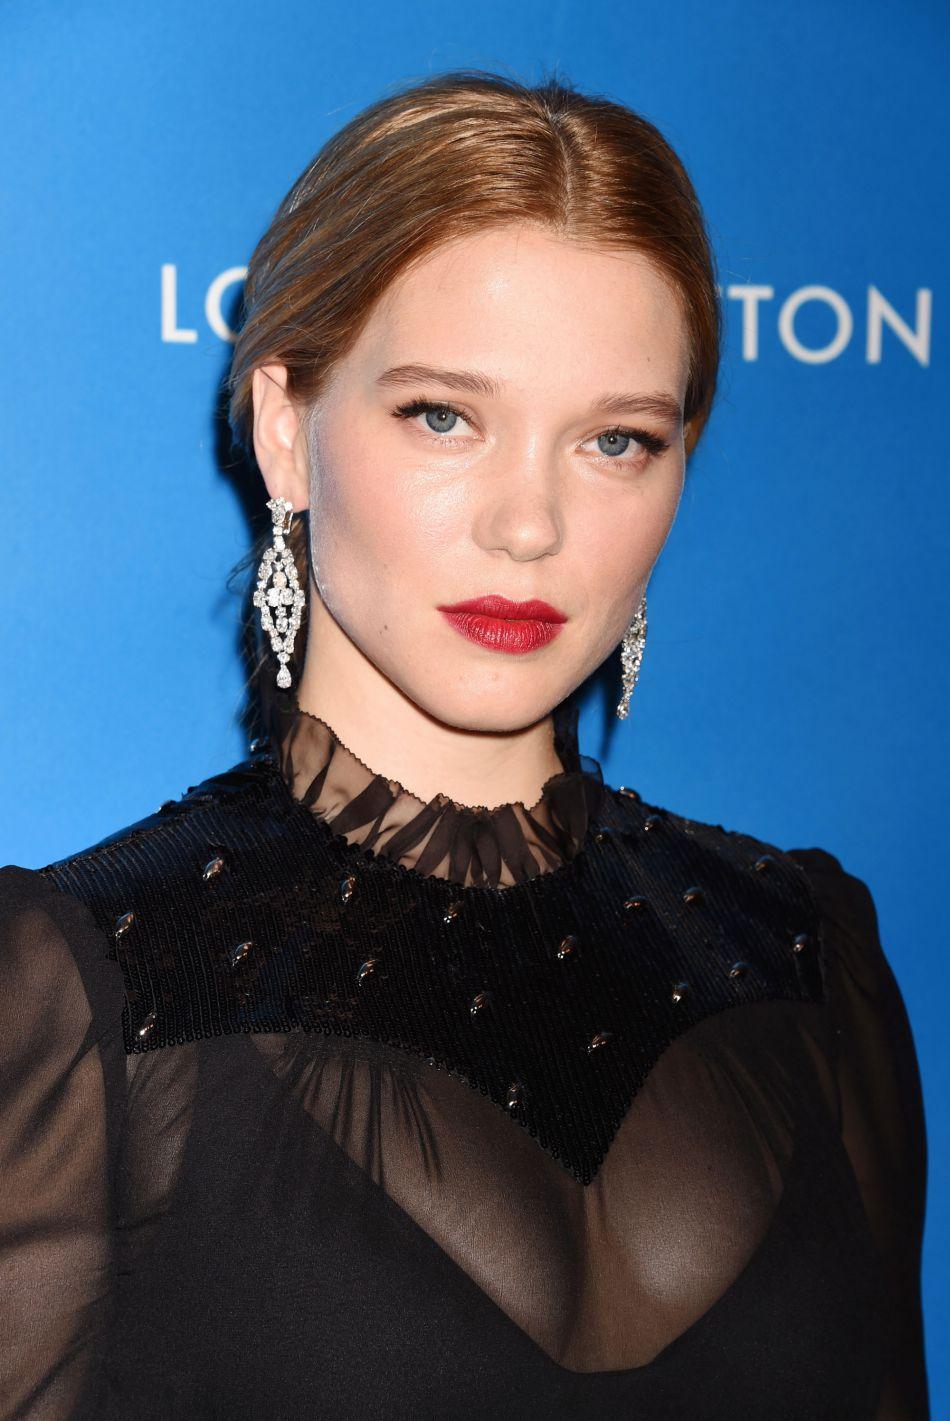 Un teint de pêche et une touche de rouge à lèvres suffisent à éclairer le visage de Léa Seydoux.